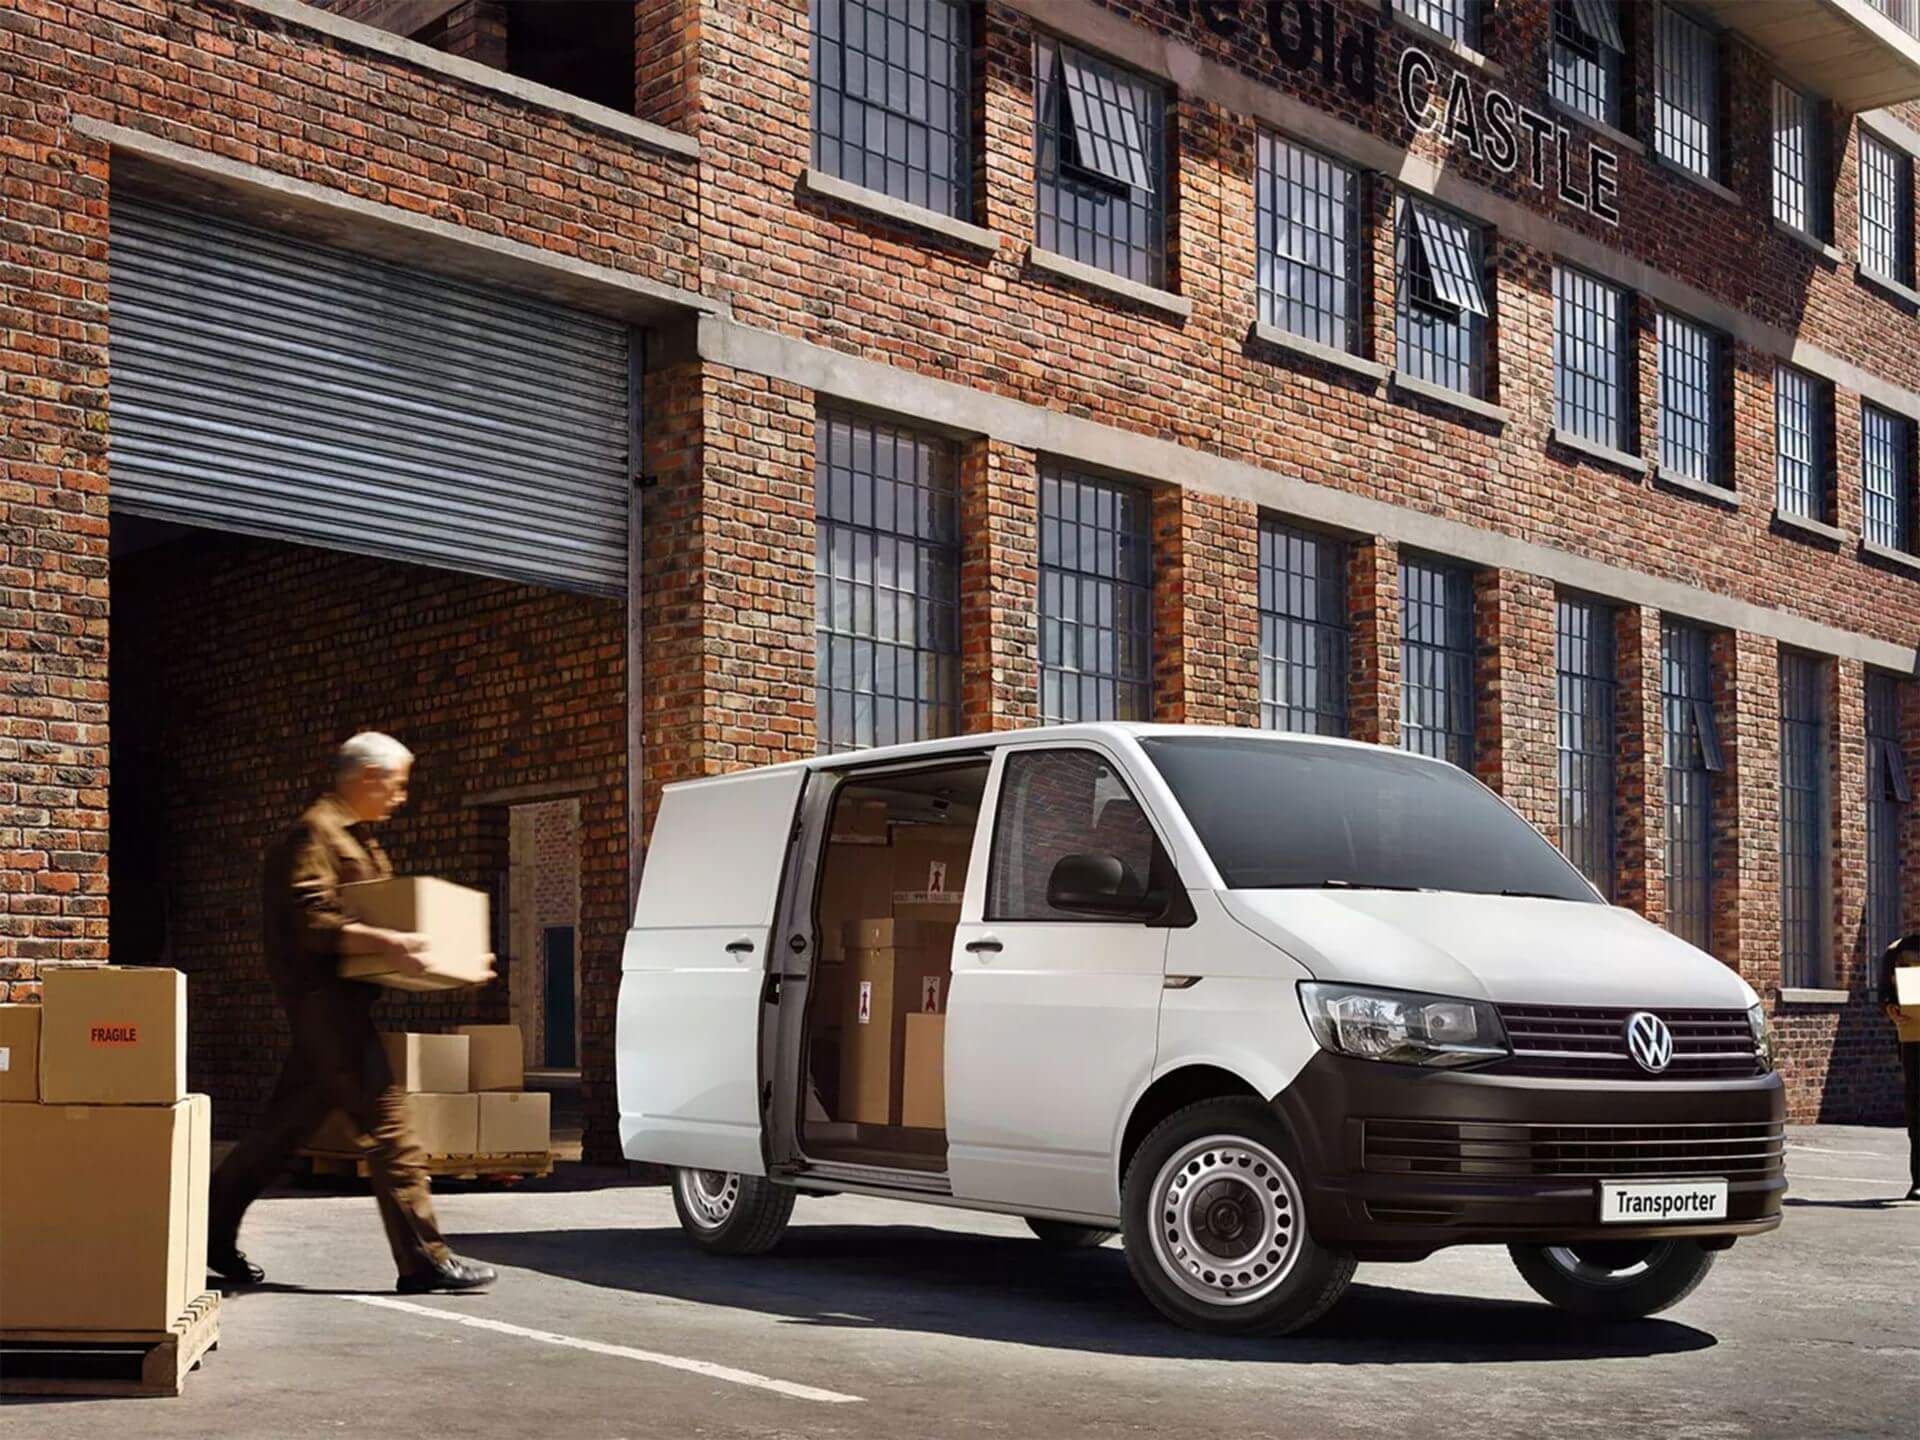 Transporter Van Gallery Image 1